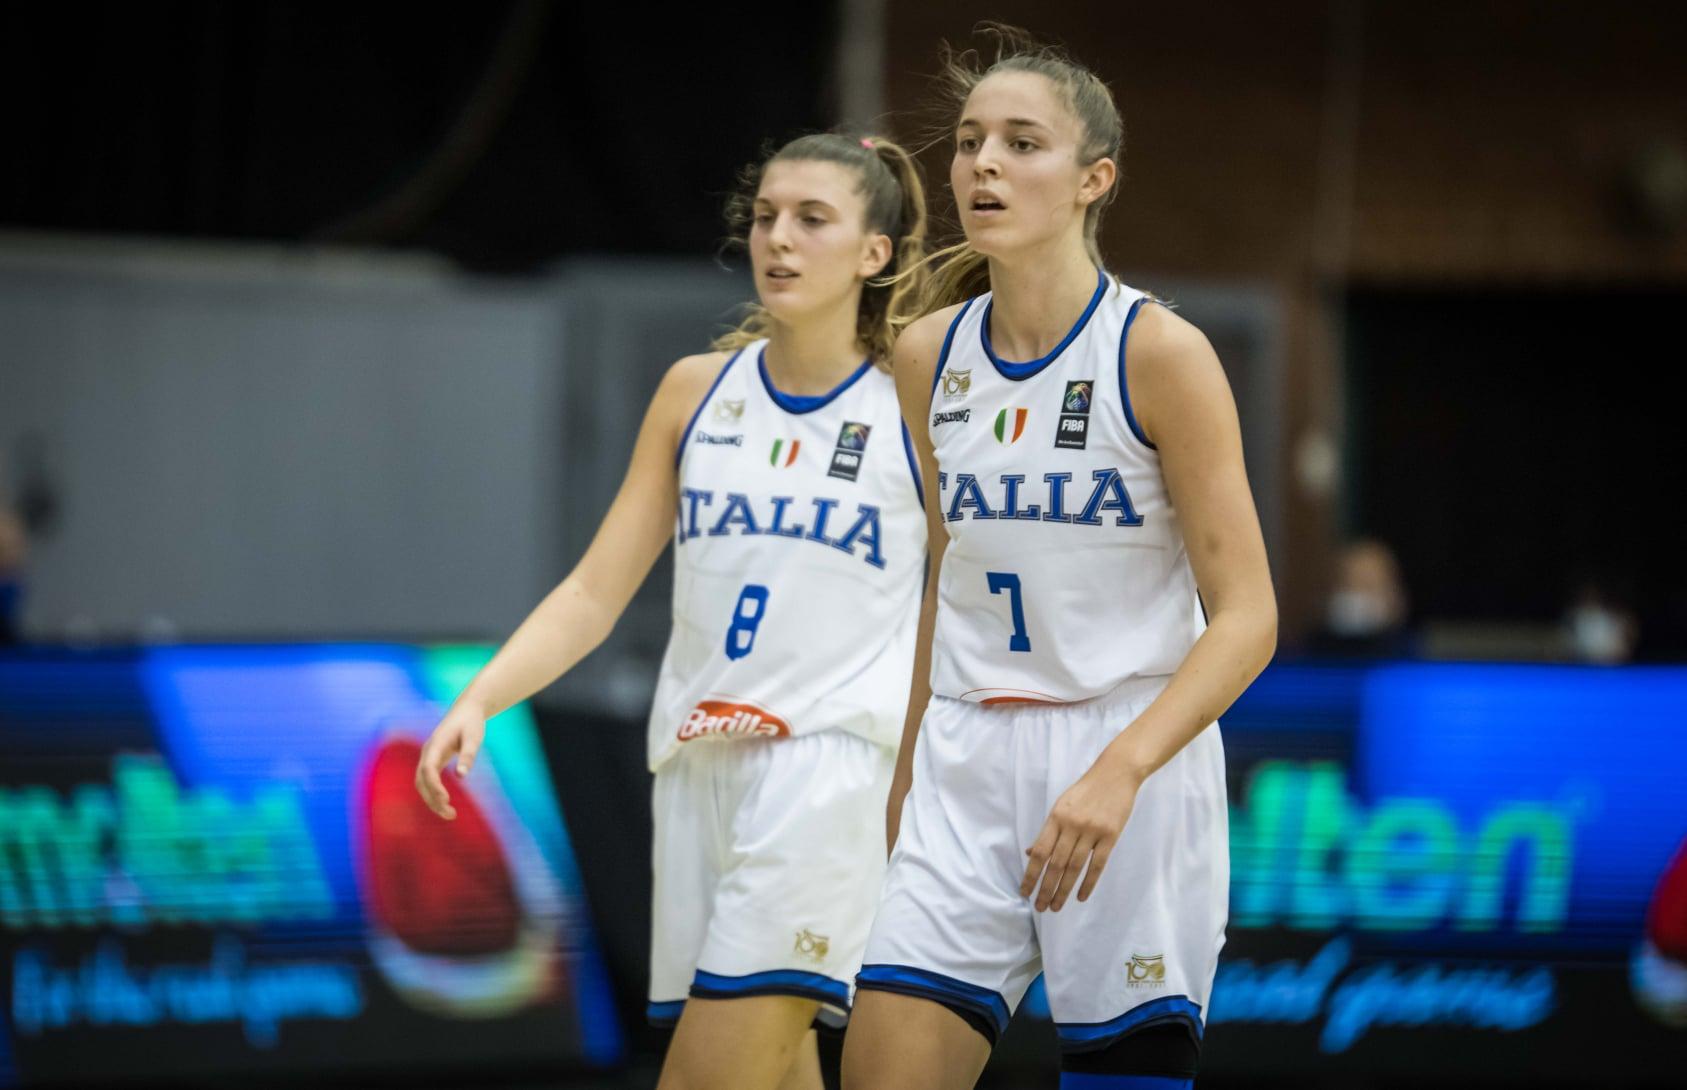 FIBA World Cup U19F 2021: pesante KO per l'Italbasket U19F vs il Giappone che da una lezione di gioco, domani ci si gioca l'11° posto